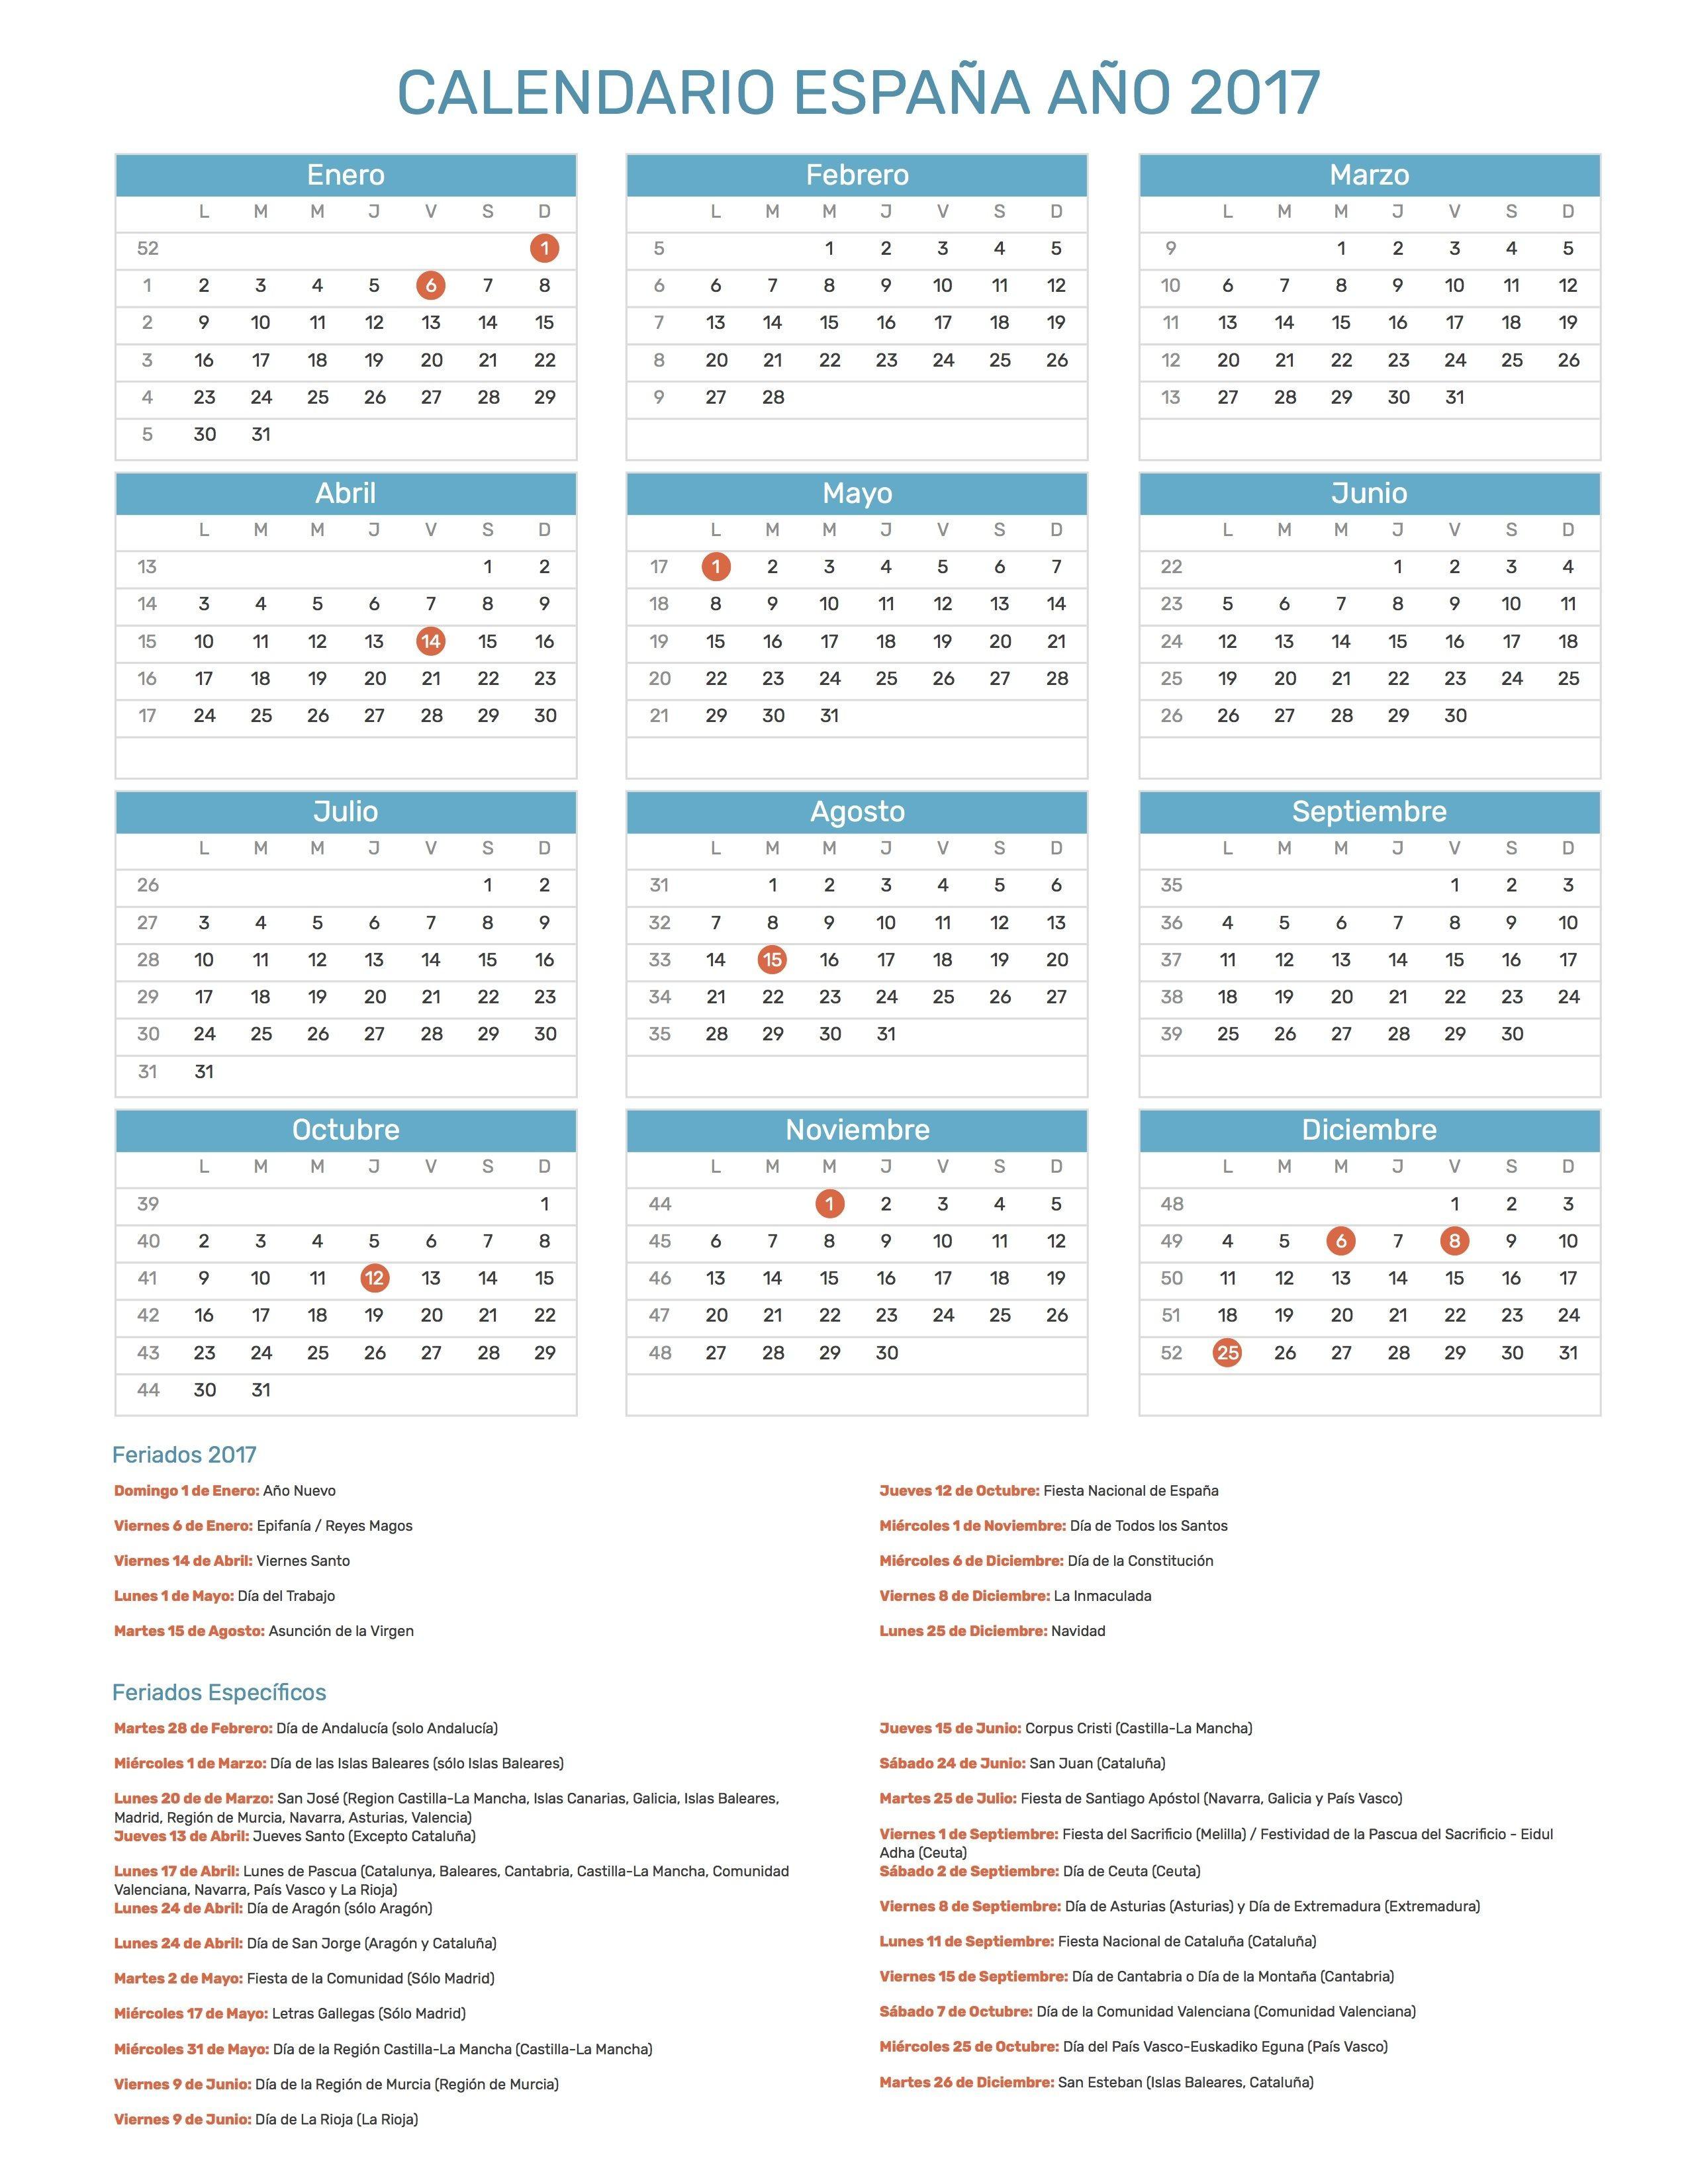 Calendario Dias Feriados Venezuela 2020 Mejores Y Más Novedosos 15 Mejores Imágenes De Calendario De 2017 Of Calendario Dias Feriados Venezuela 2020 Más Recientes 25 Unique Calendario 2015